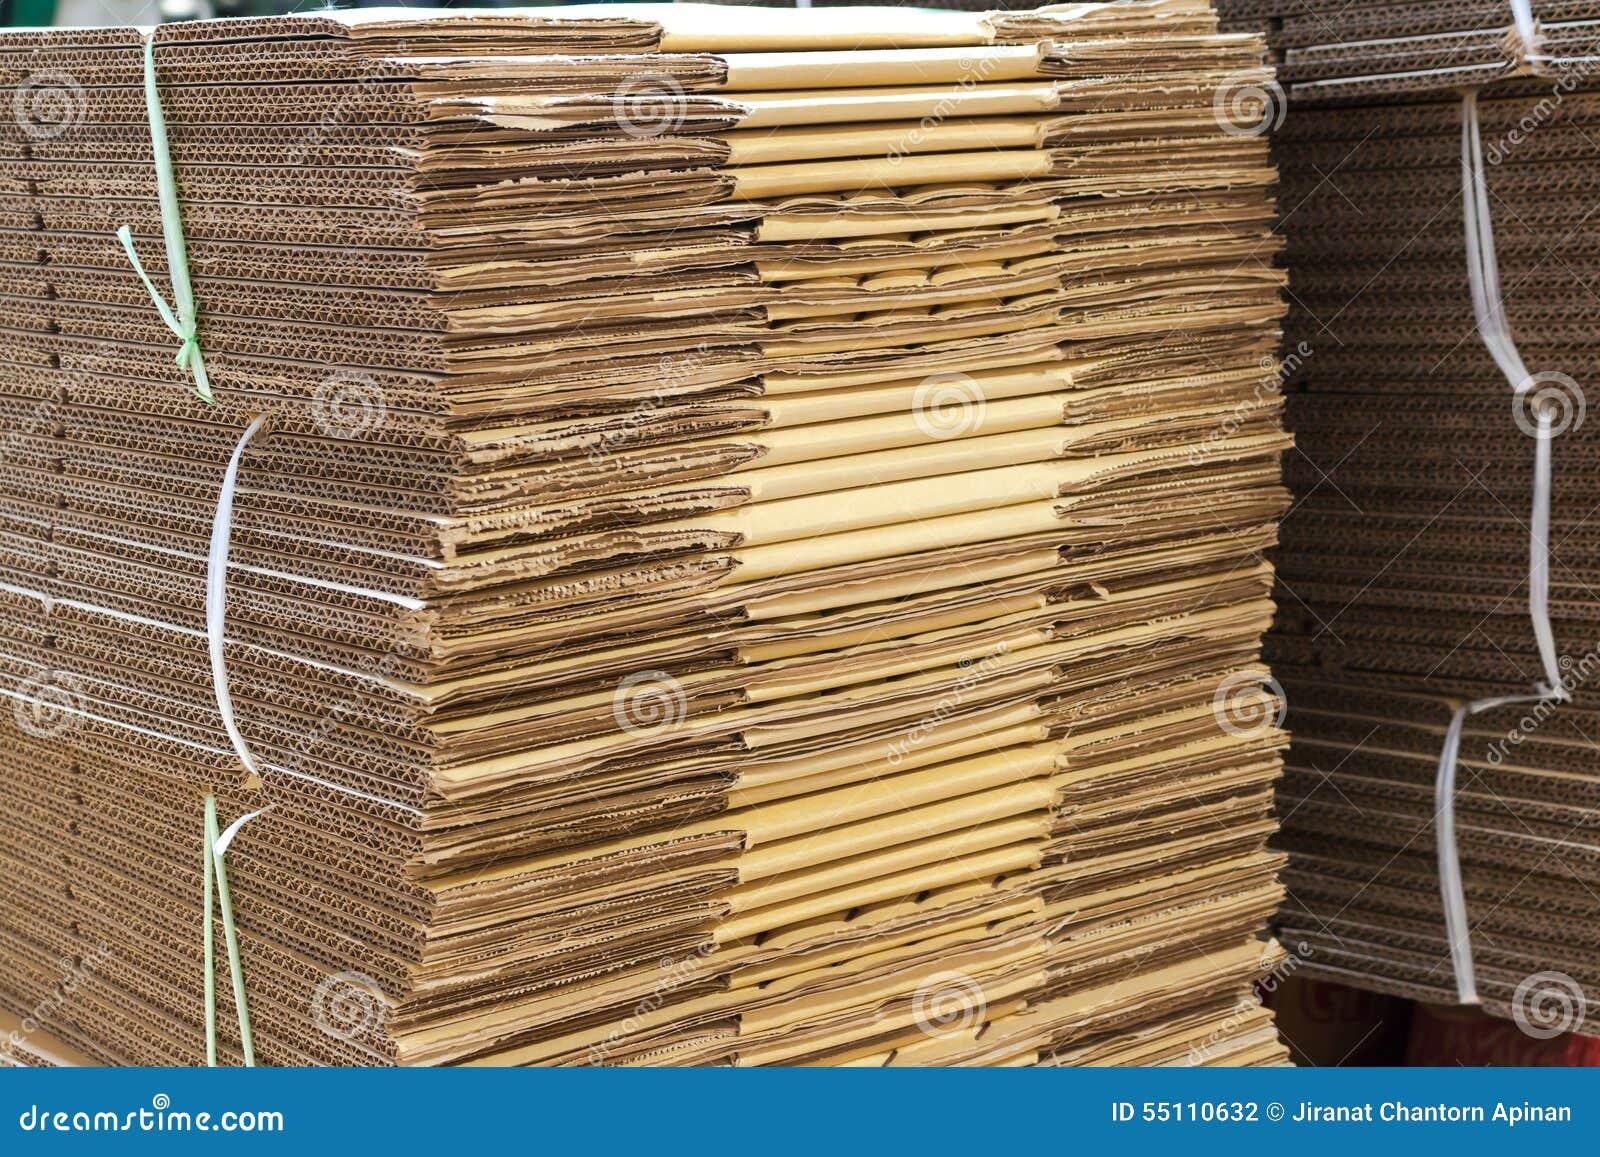 Cajas de cart n acanalado marrones apiladas foto de for Cajas carton almacenaje